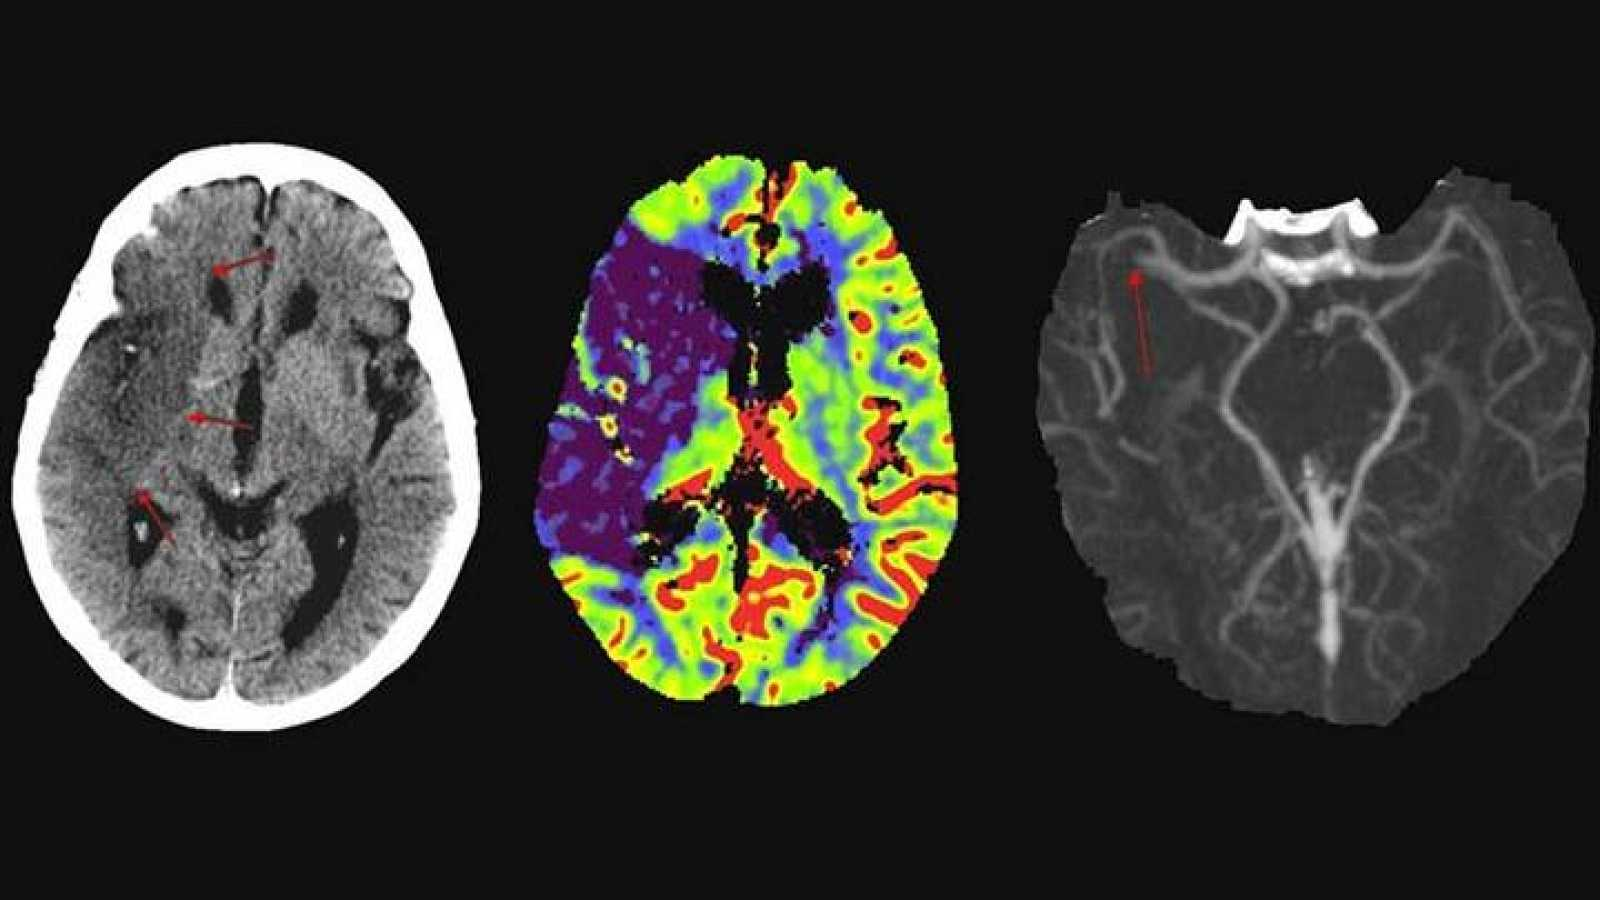 Imágenes de las consecuencias sobre el cerebro de distintos accidentes cerebrovasculares tomadas con Resonancia Magnética.